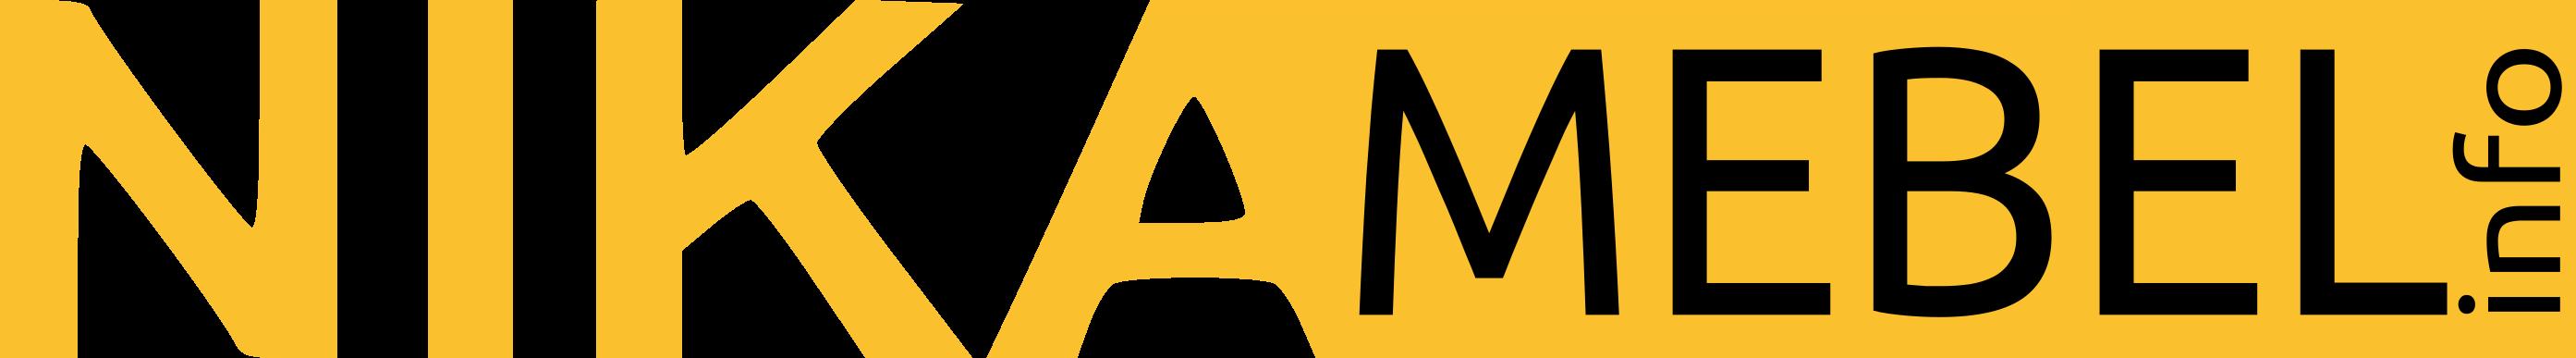 NIKA Меблі - фабрика меблів